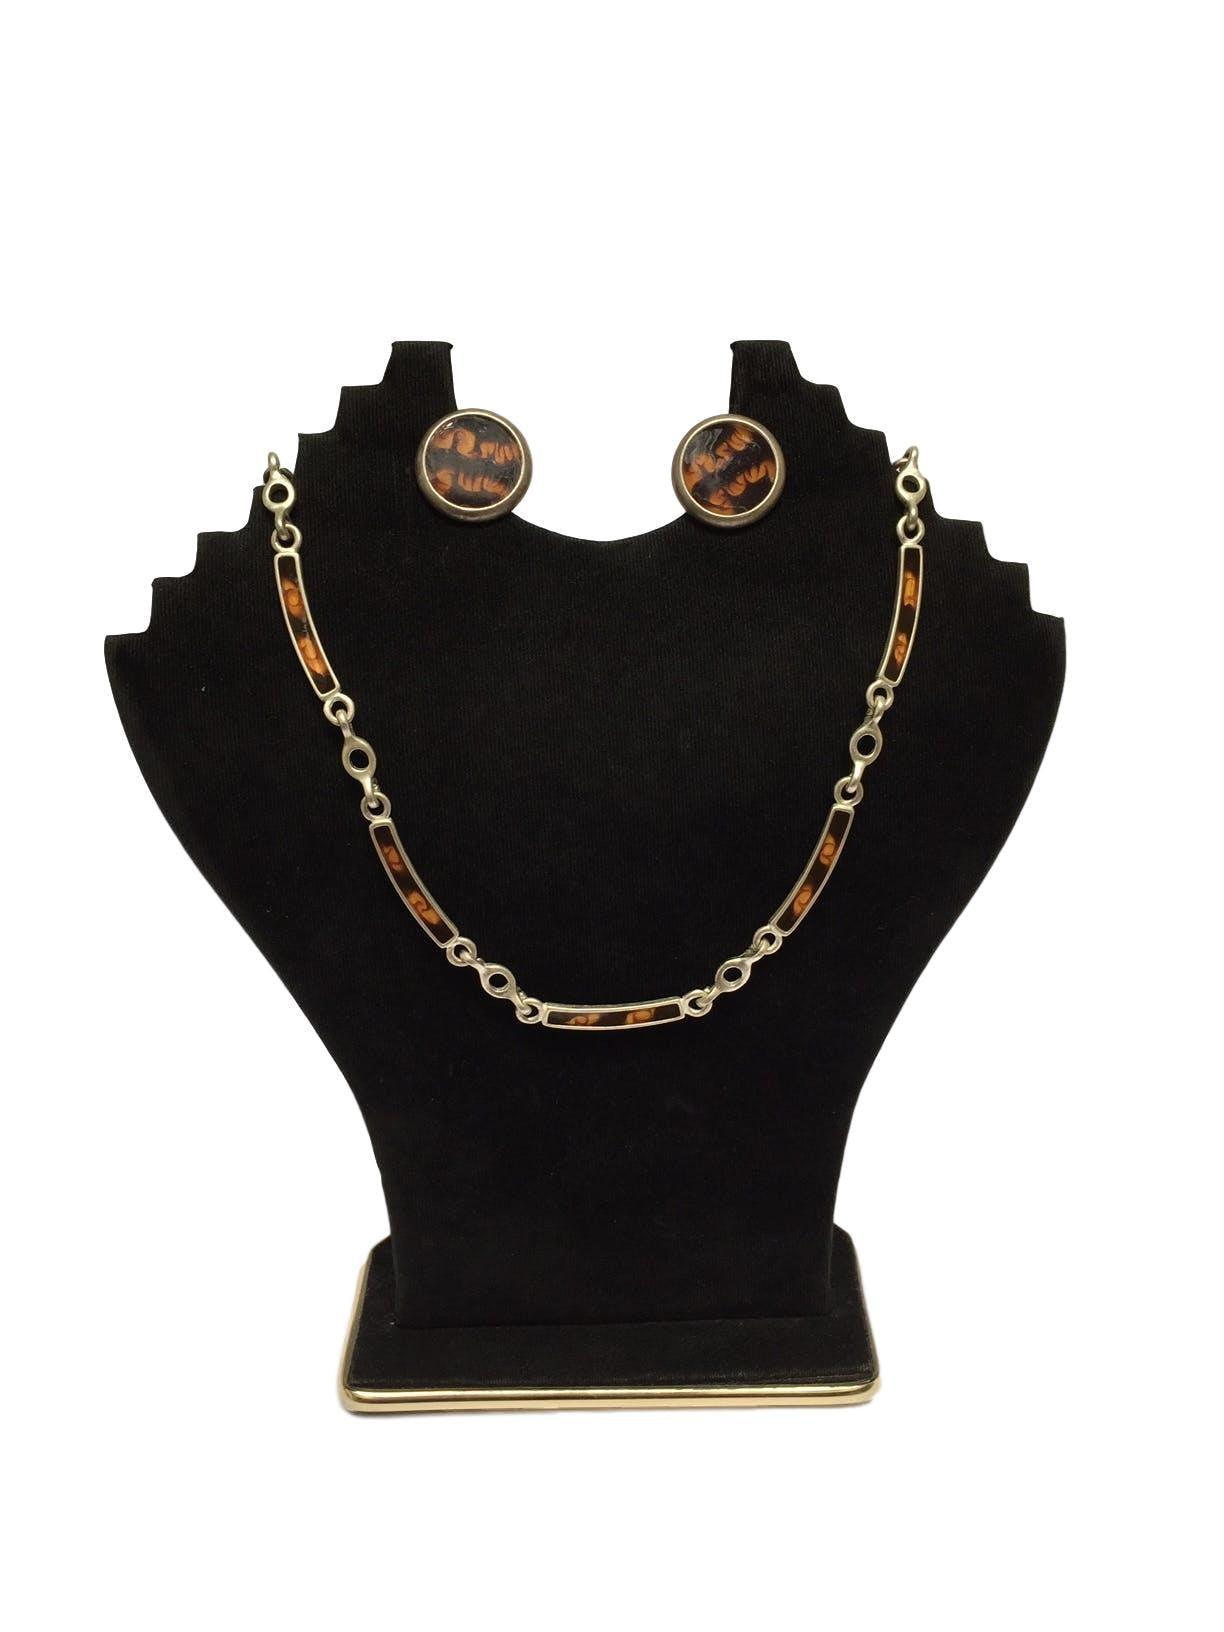 Collar plateado con rectángulos en tonos marrones e intersecciones circulares Circunferencia: 46 cm